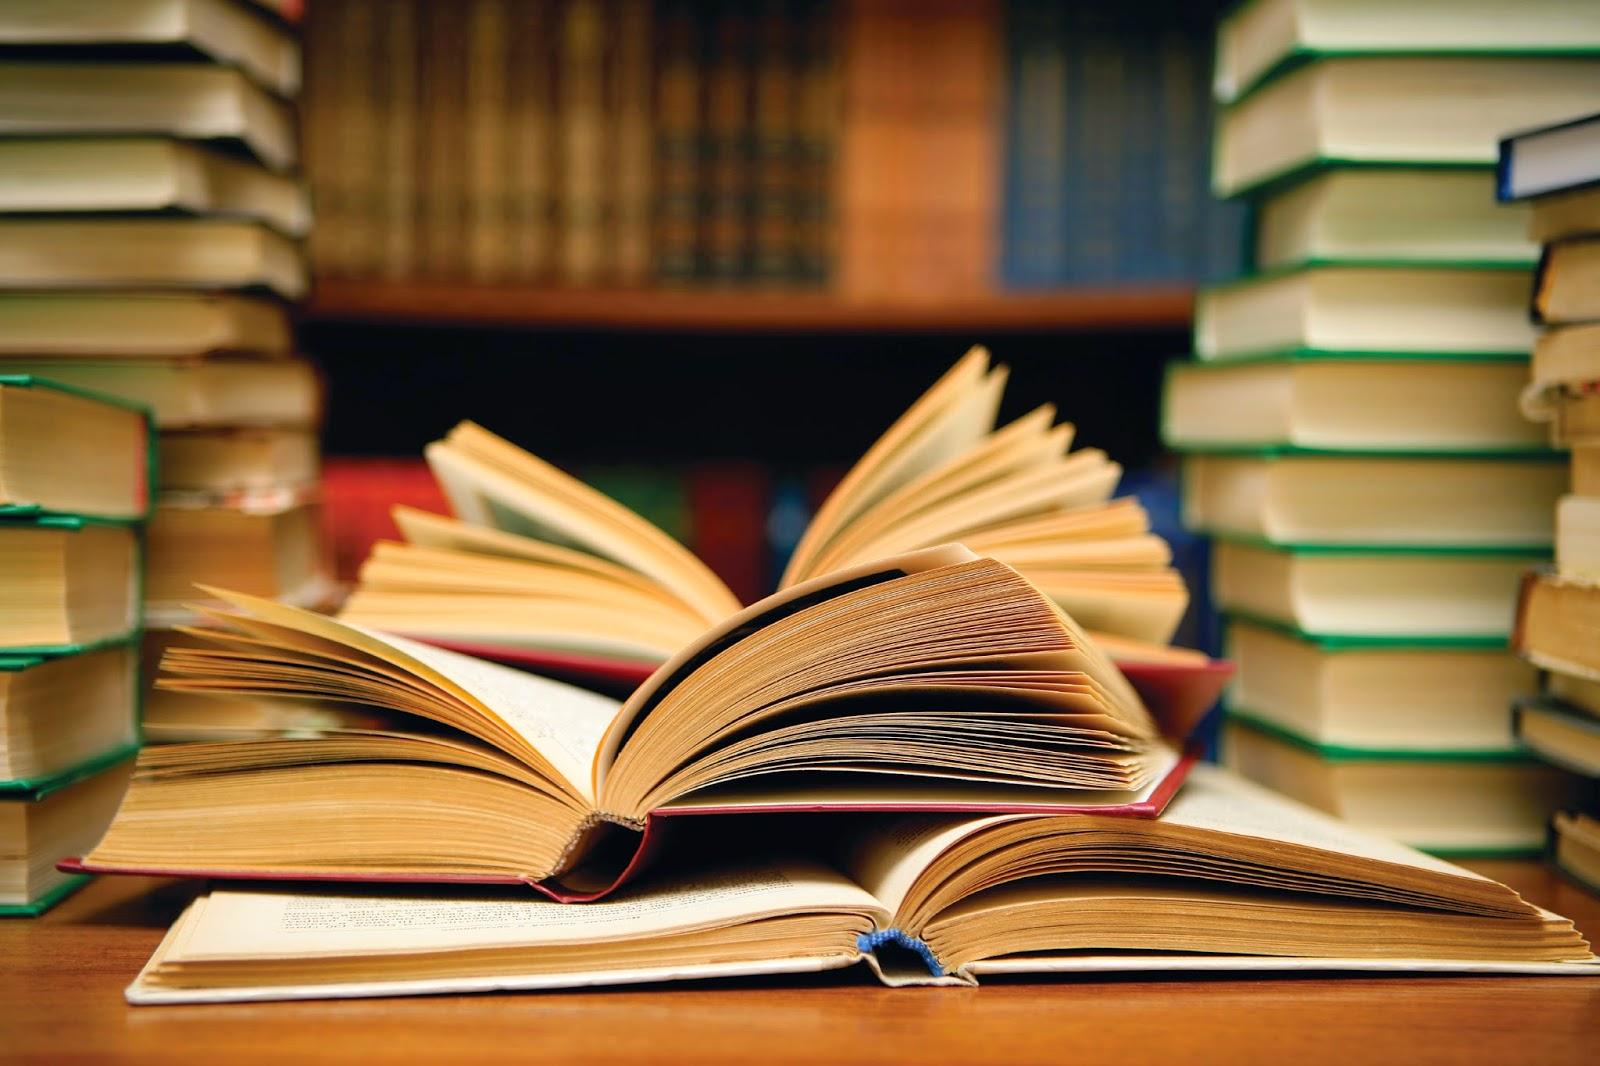 Những câu nói hay nhất về sách bằng tiếng Anh và tiếng Việt